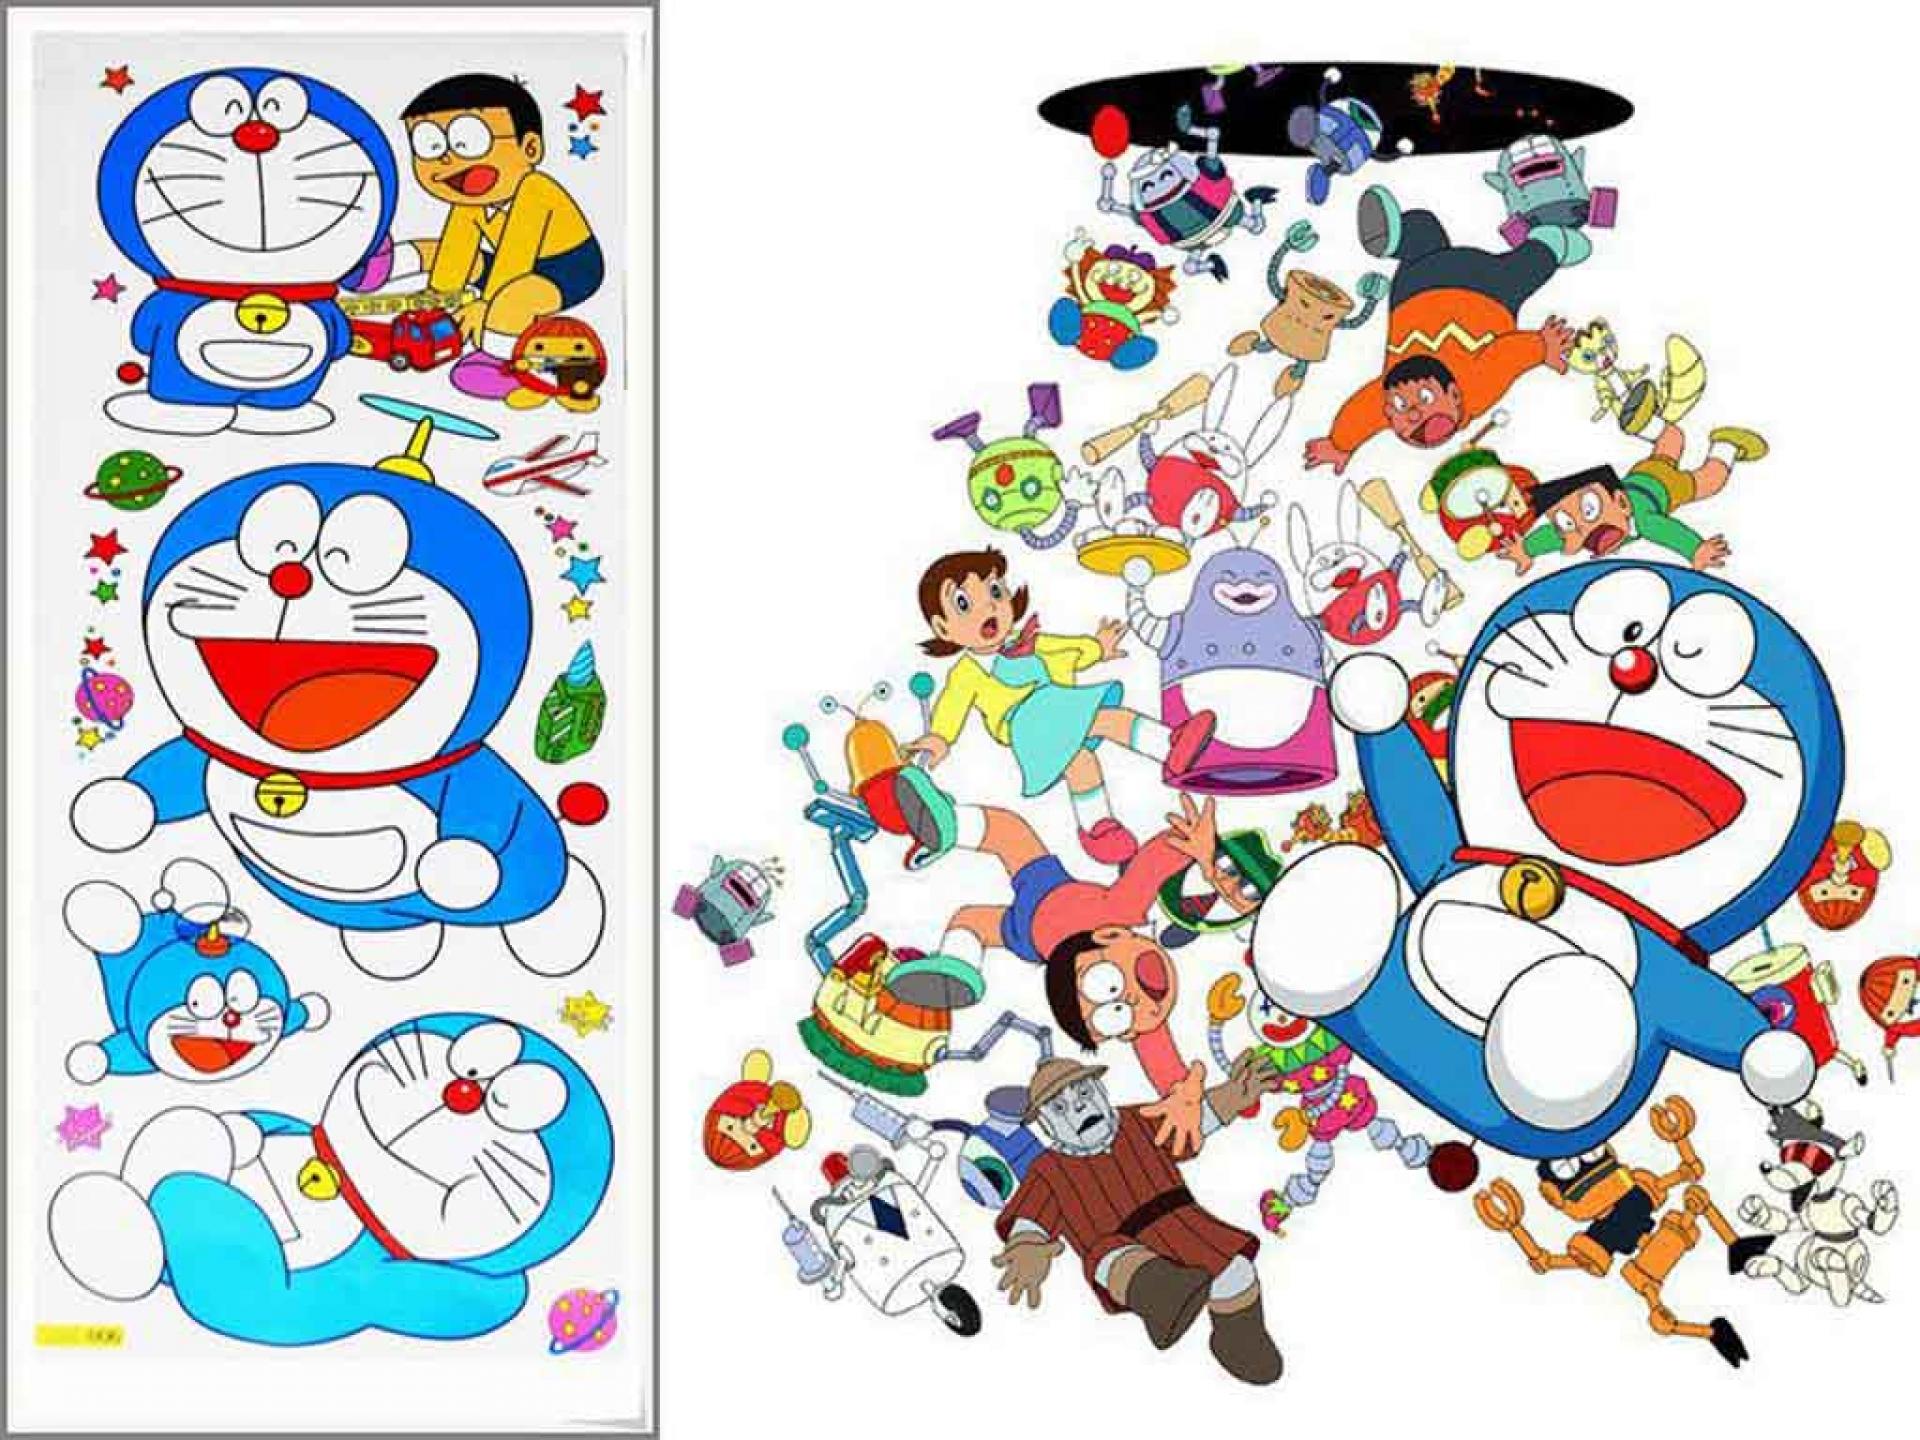 Cartoon wallpapers doraemon picture cartoon wallpapers doraemon doraemon fotos voltagebd Image collections